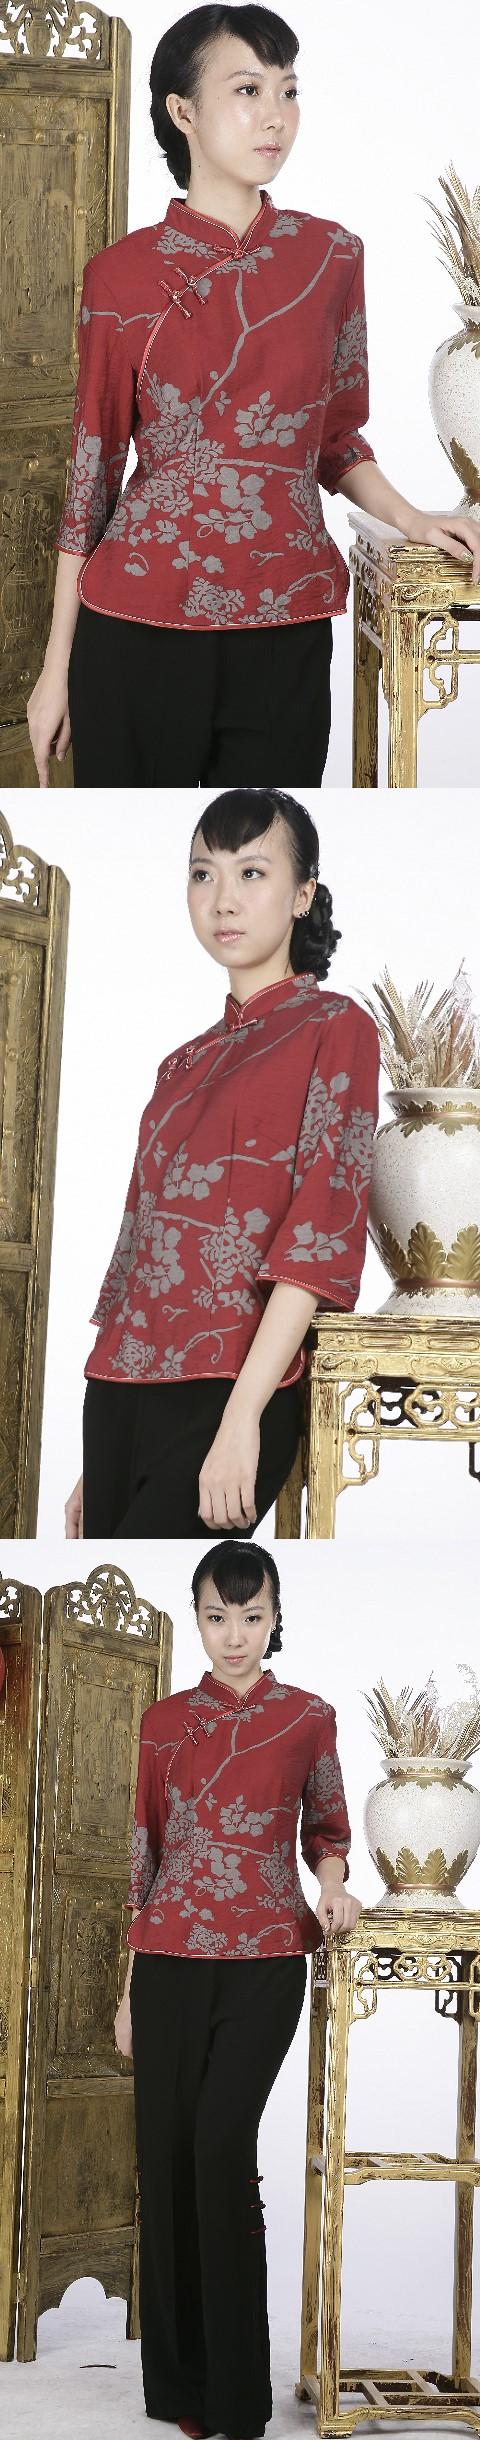 印花中式七分袖上衣(鐵鏽紅)